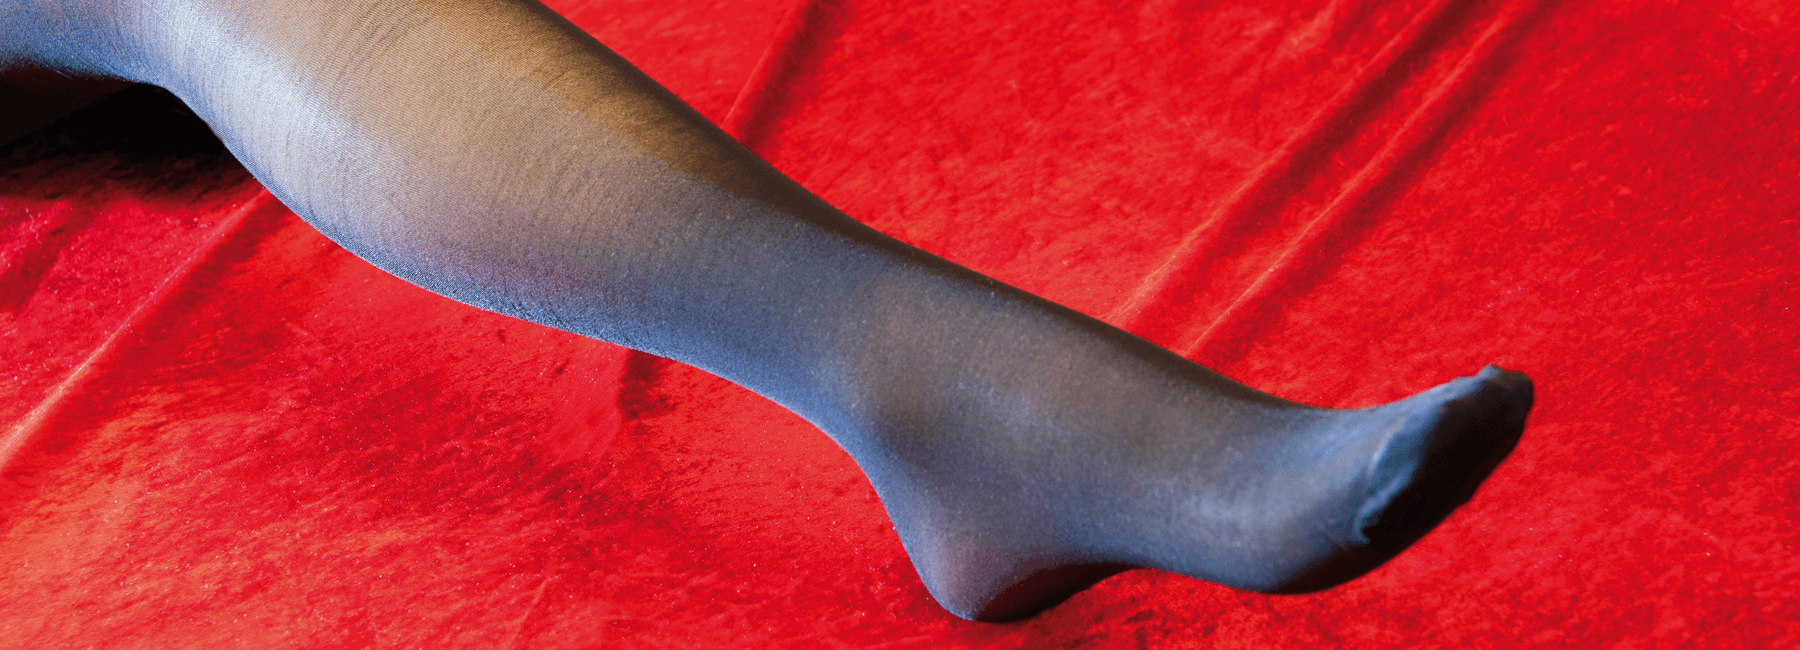 Nicht jede Retro-Lady liebt Strumpfhalter. Kein Problem: Auch eine Strumpfhose im Vintage-Stil macht traumschöne Beine! Ergänzen Sie z.B. Ihren Retro-Look mit einer passenden Nahtstrumpfhose … oder dürfen es gar Punkte sein?